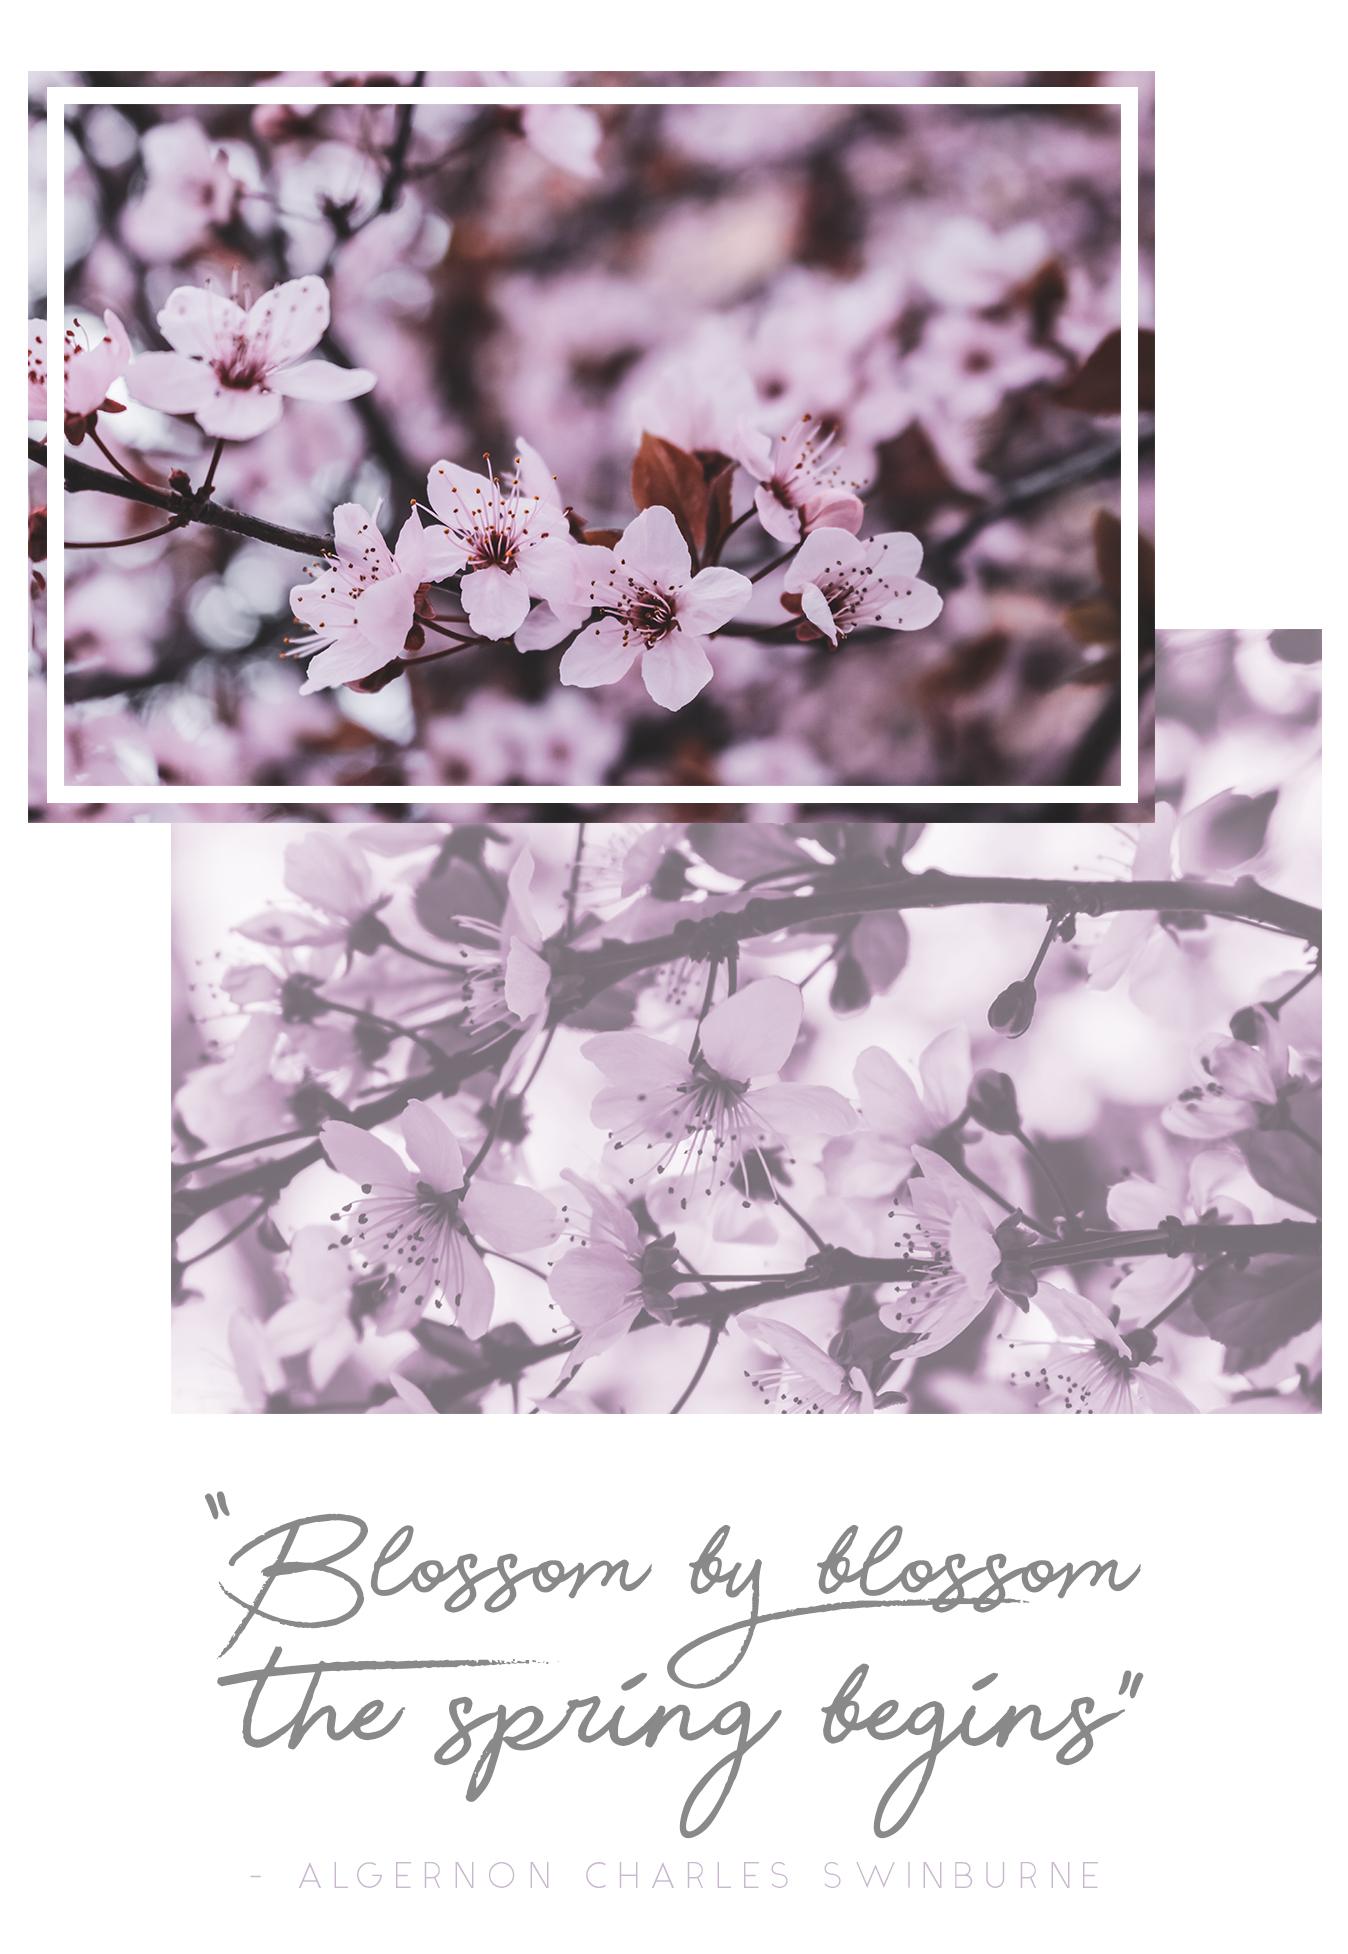 Spring Moodboard: Composición de fotos primaverales junto con una cita